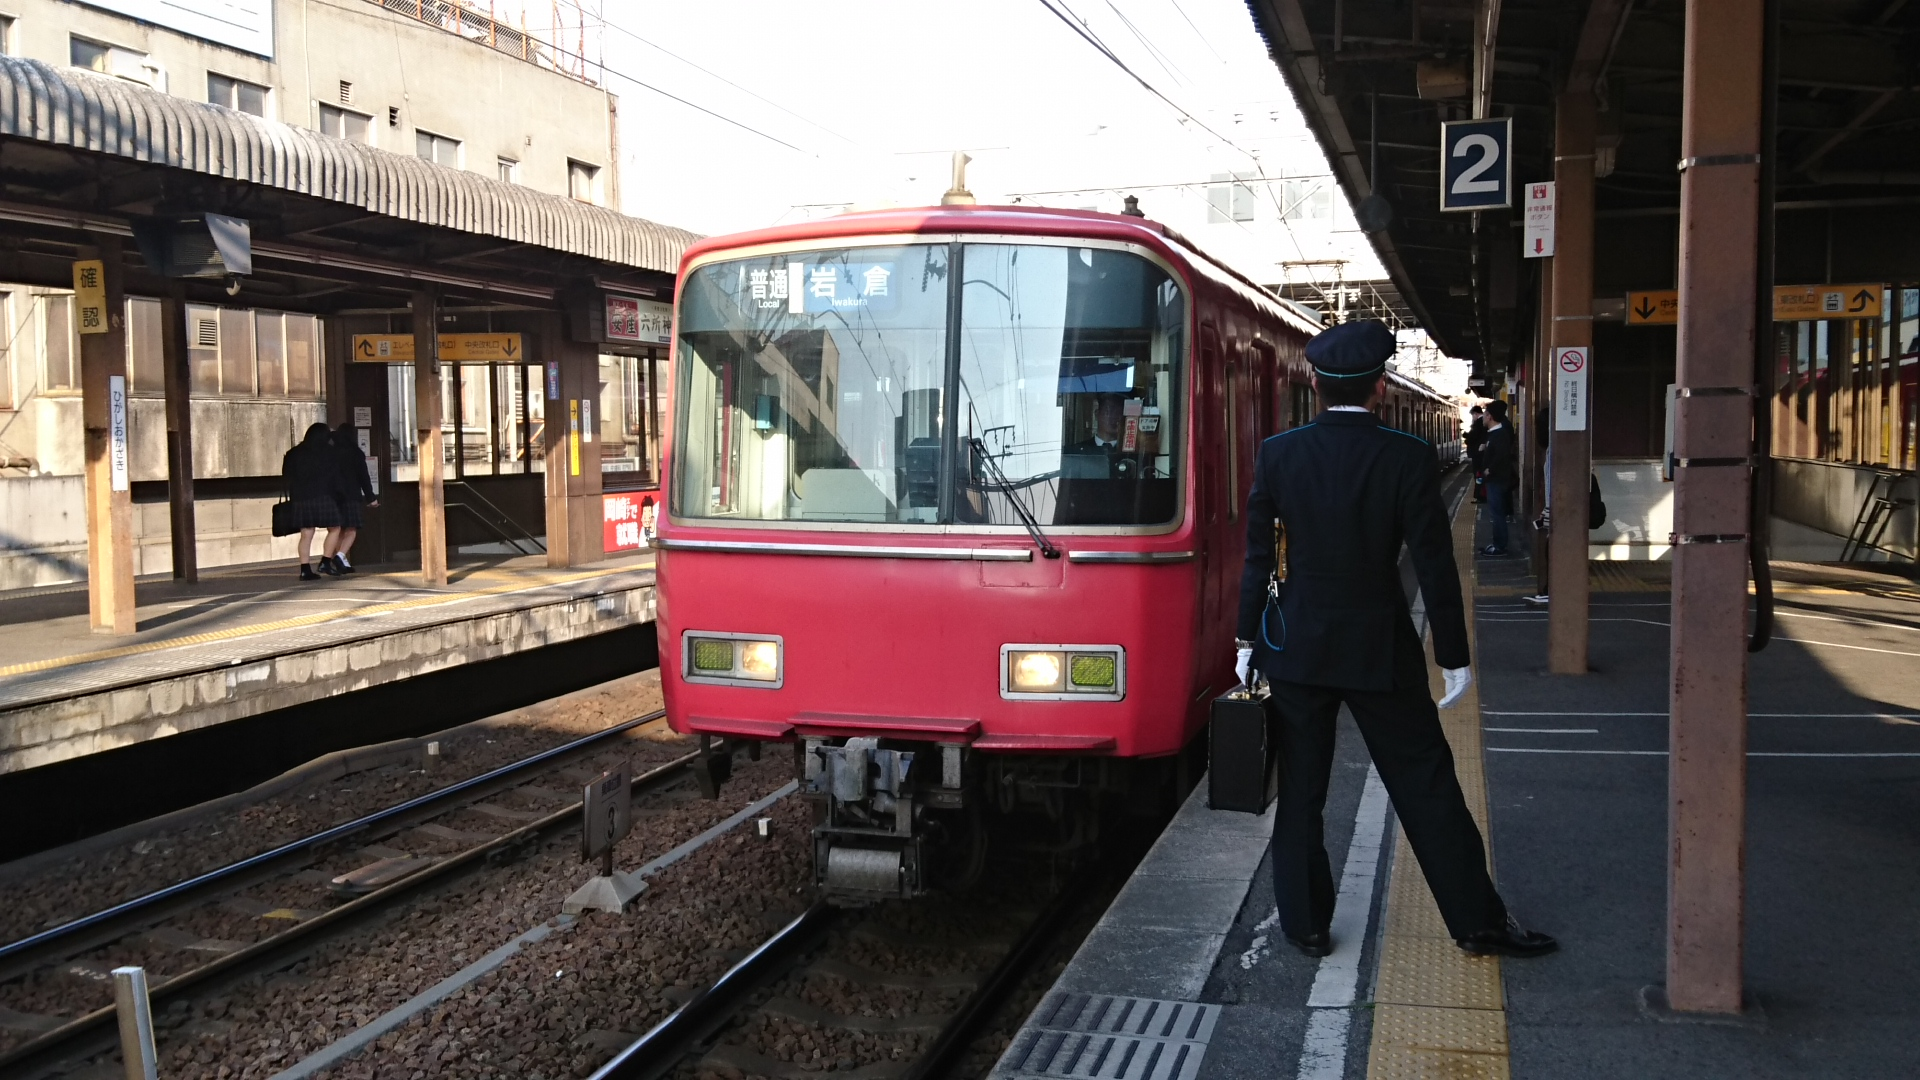 2017.4.15 名鉄 (56) 東岡崎 - 岩倉いきふつう 1920-1080